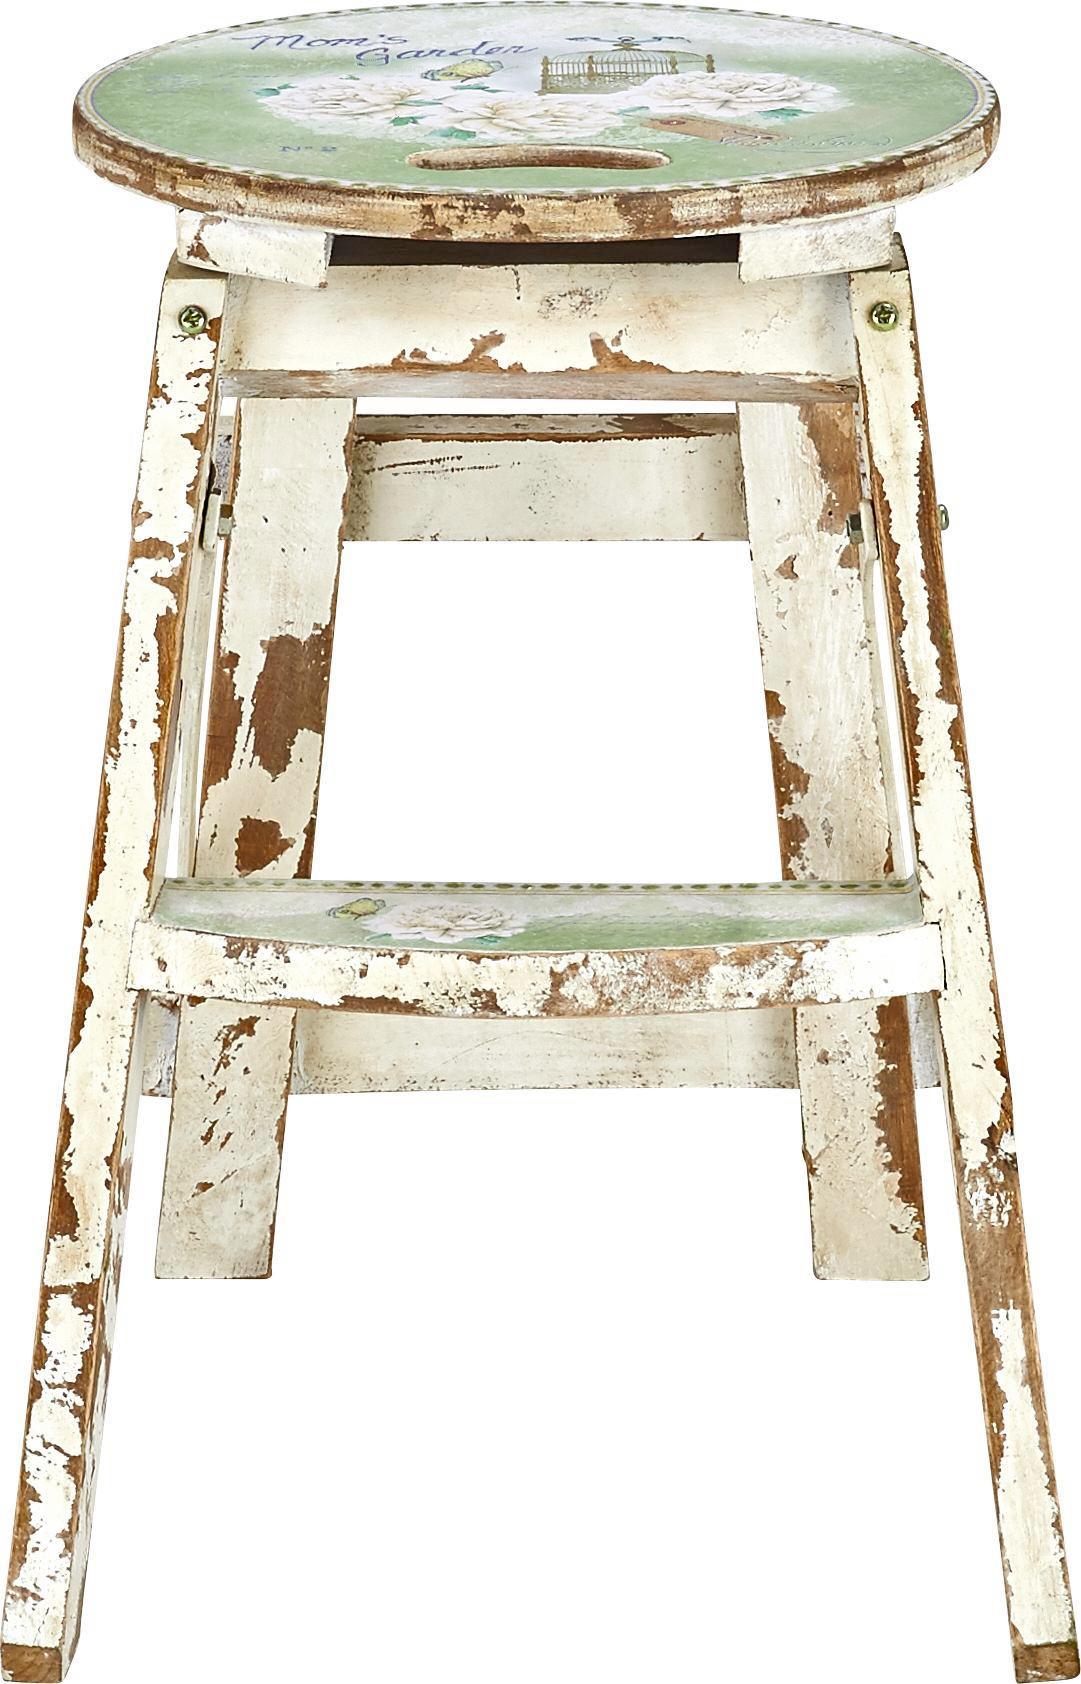 Klapphocker in Weiß/Grün - Multicolor/Hellgrün, ROMANTIK / LANDHAUS, Holz/Holzwerkstoff (30/30/43cm) - MÖMAX modern living